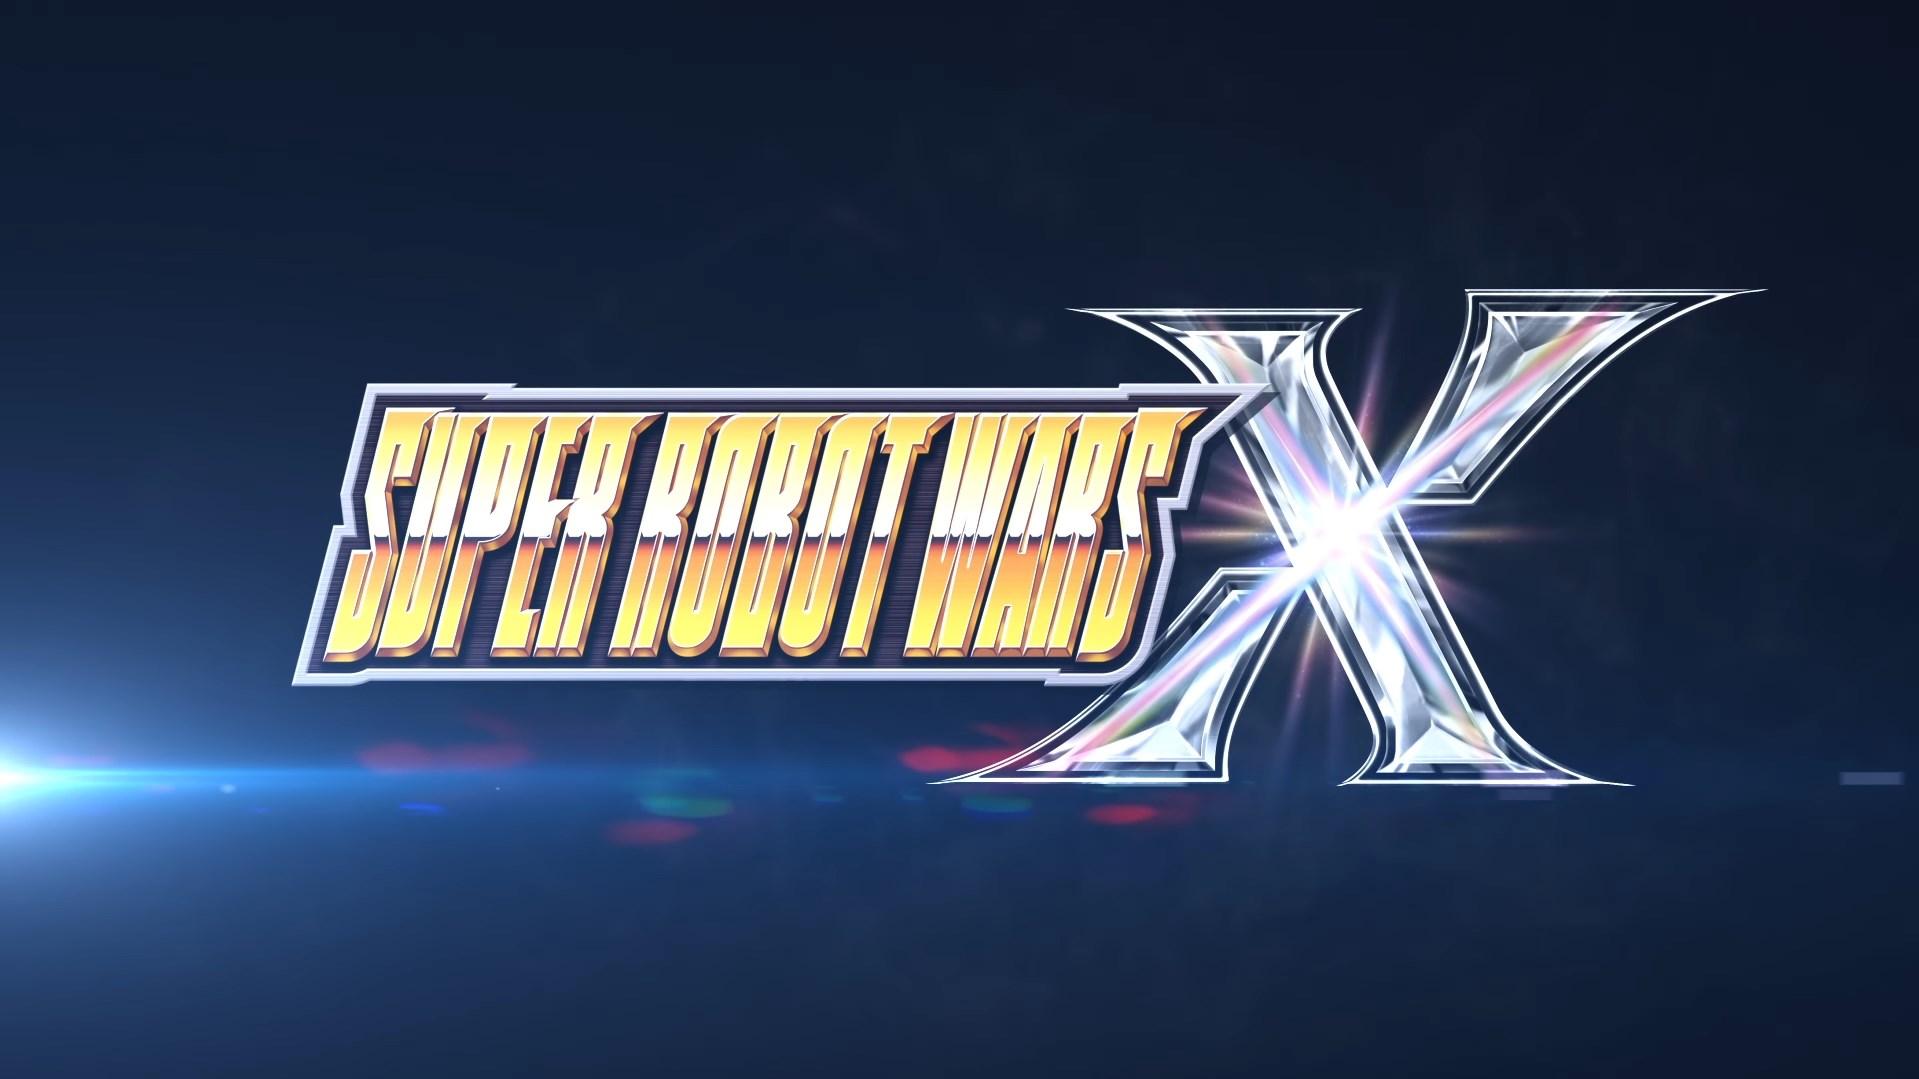 Super Robot Wars X announced for 2018 screenshot